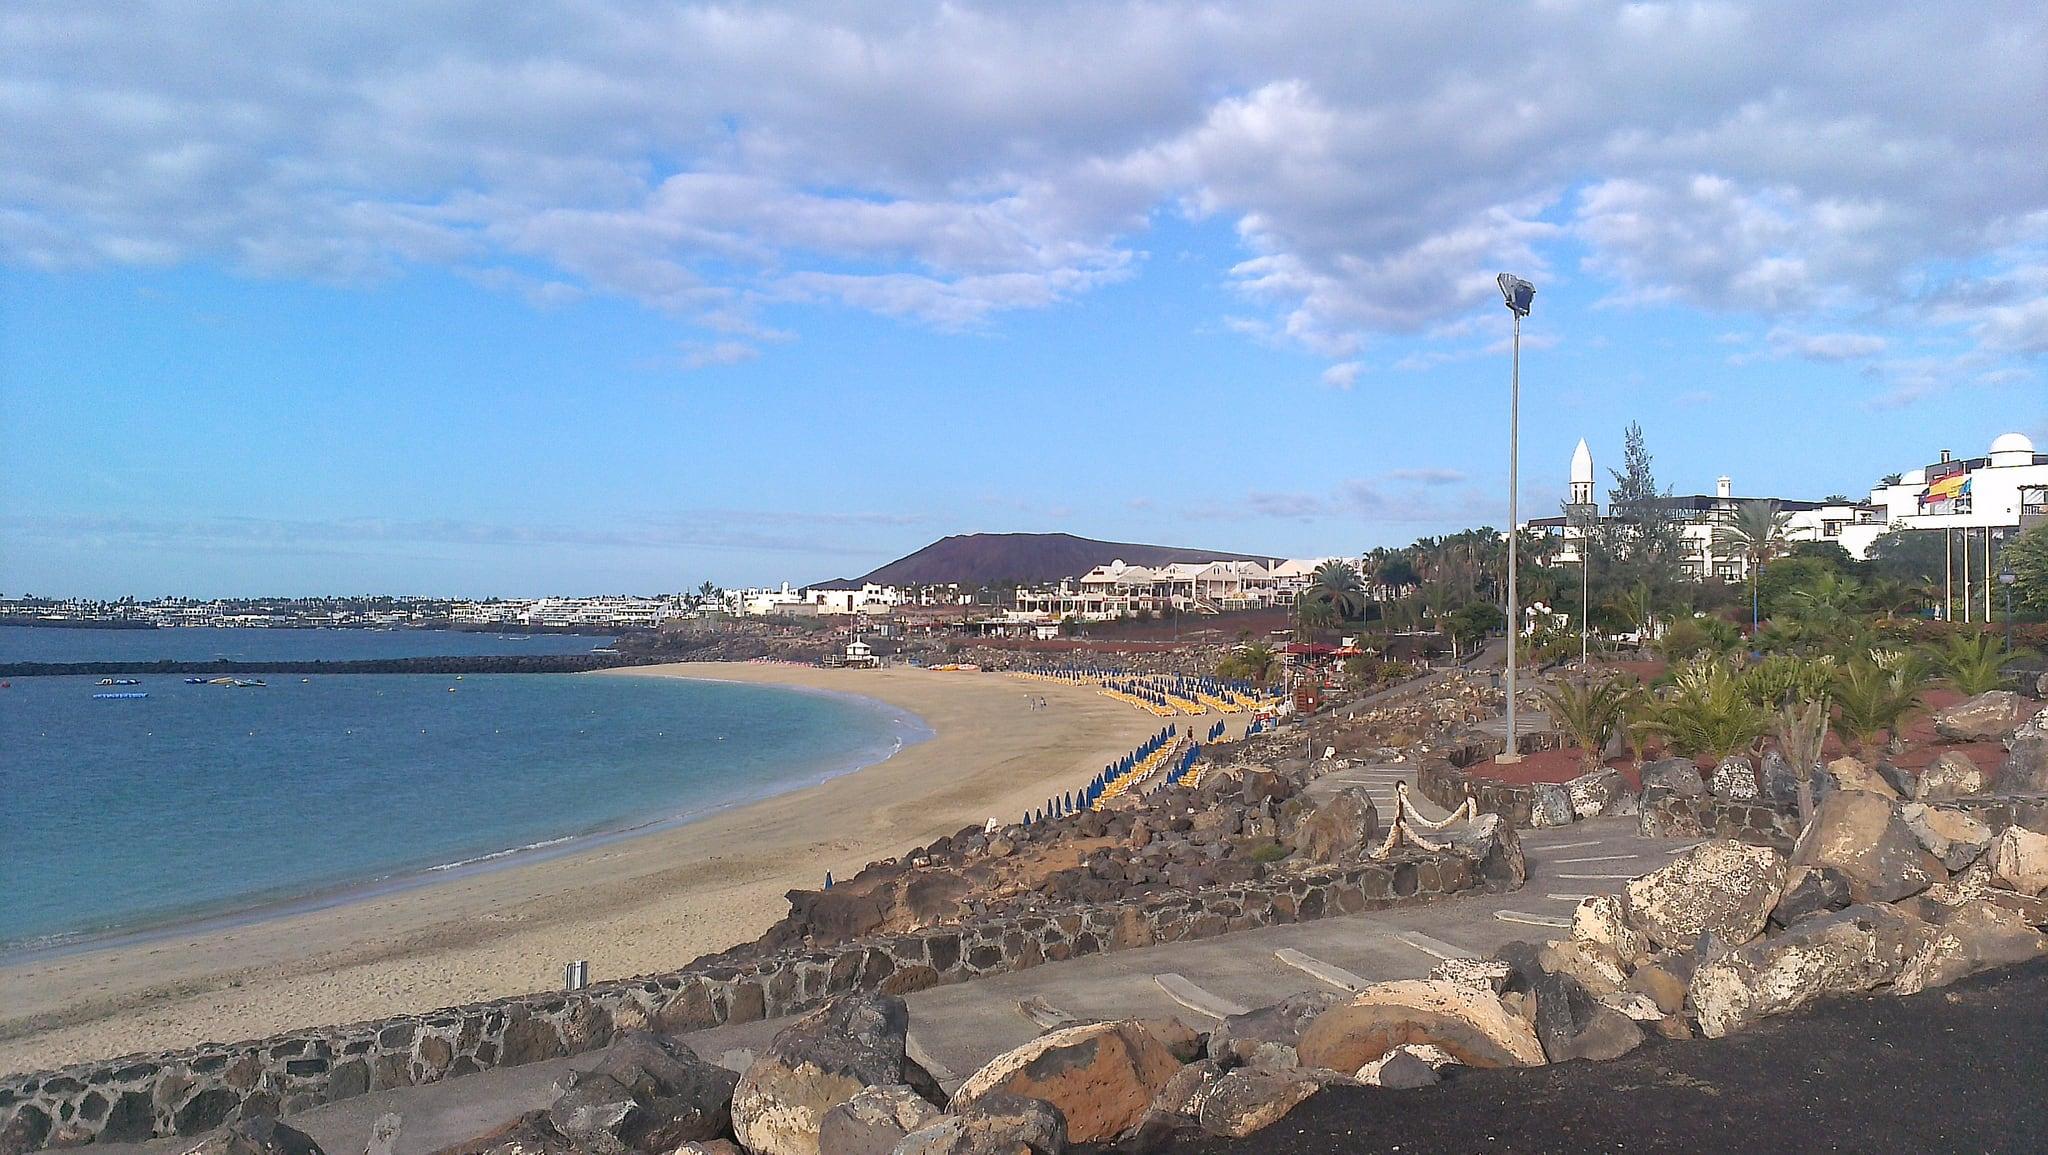 Afbeelding van Playa Dorada.